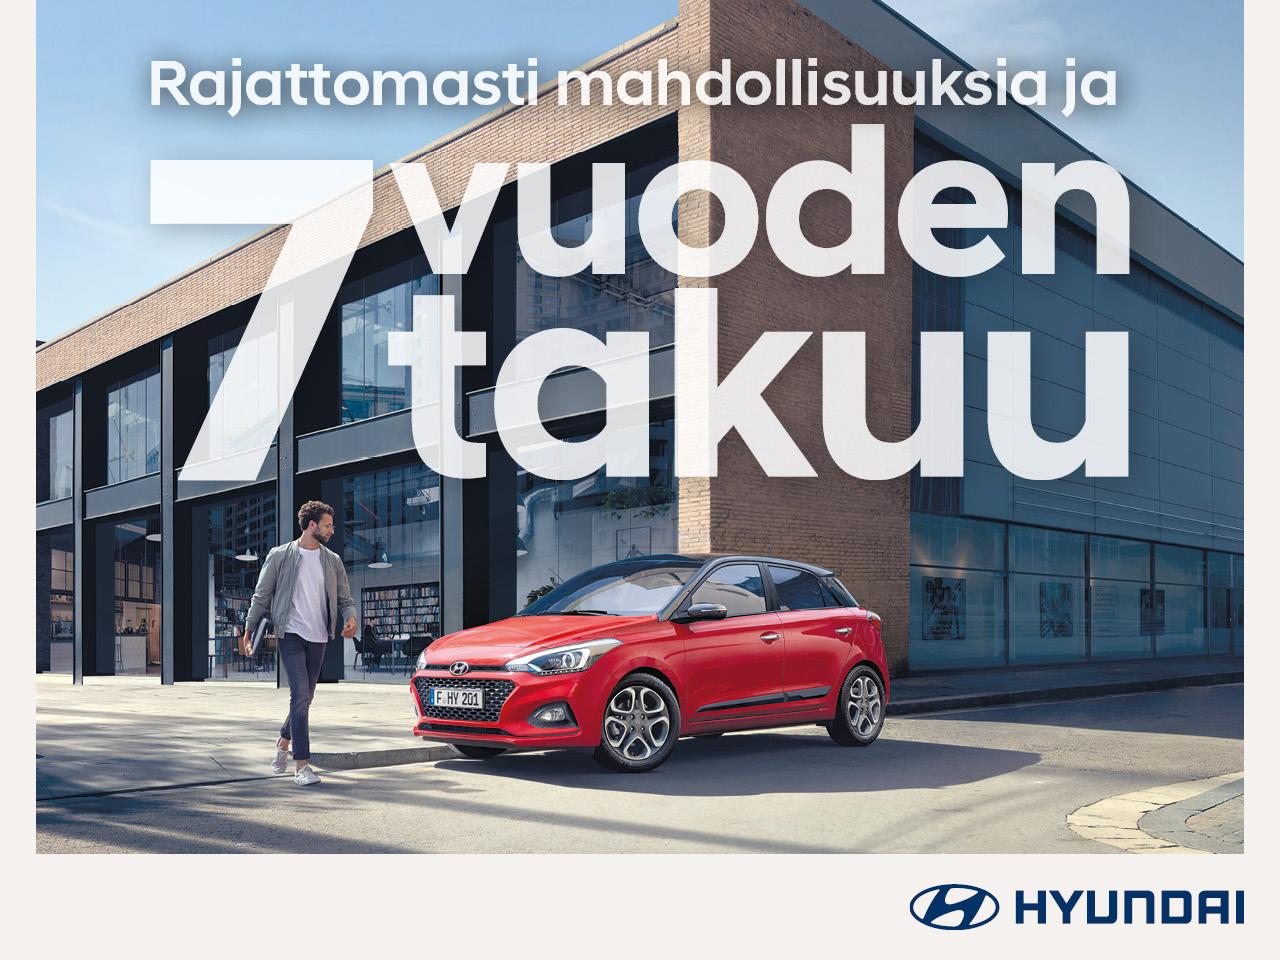 Hyundai-mallistoon 7 vuoden takuu ilman kilometrirajaa